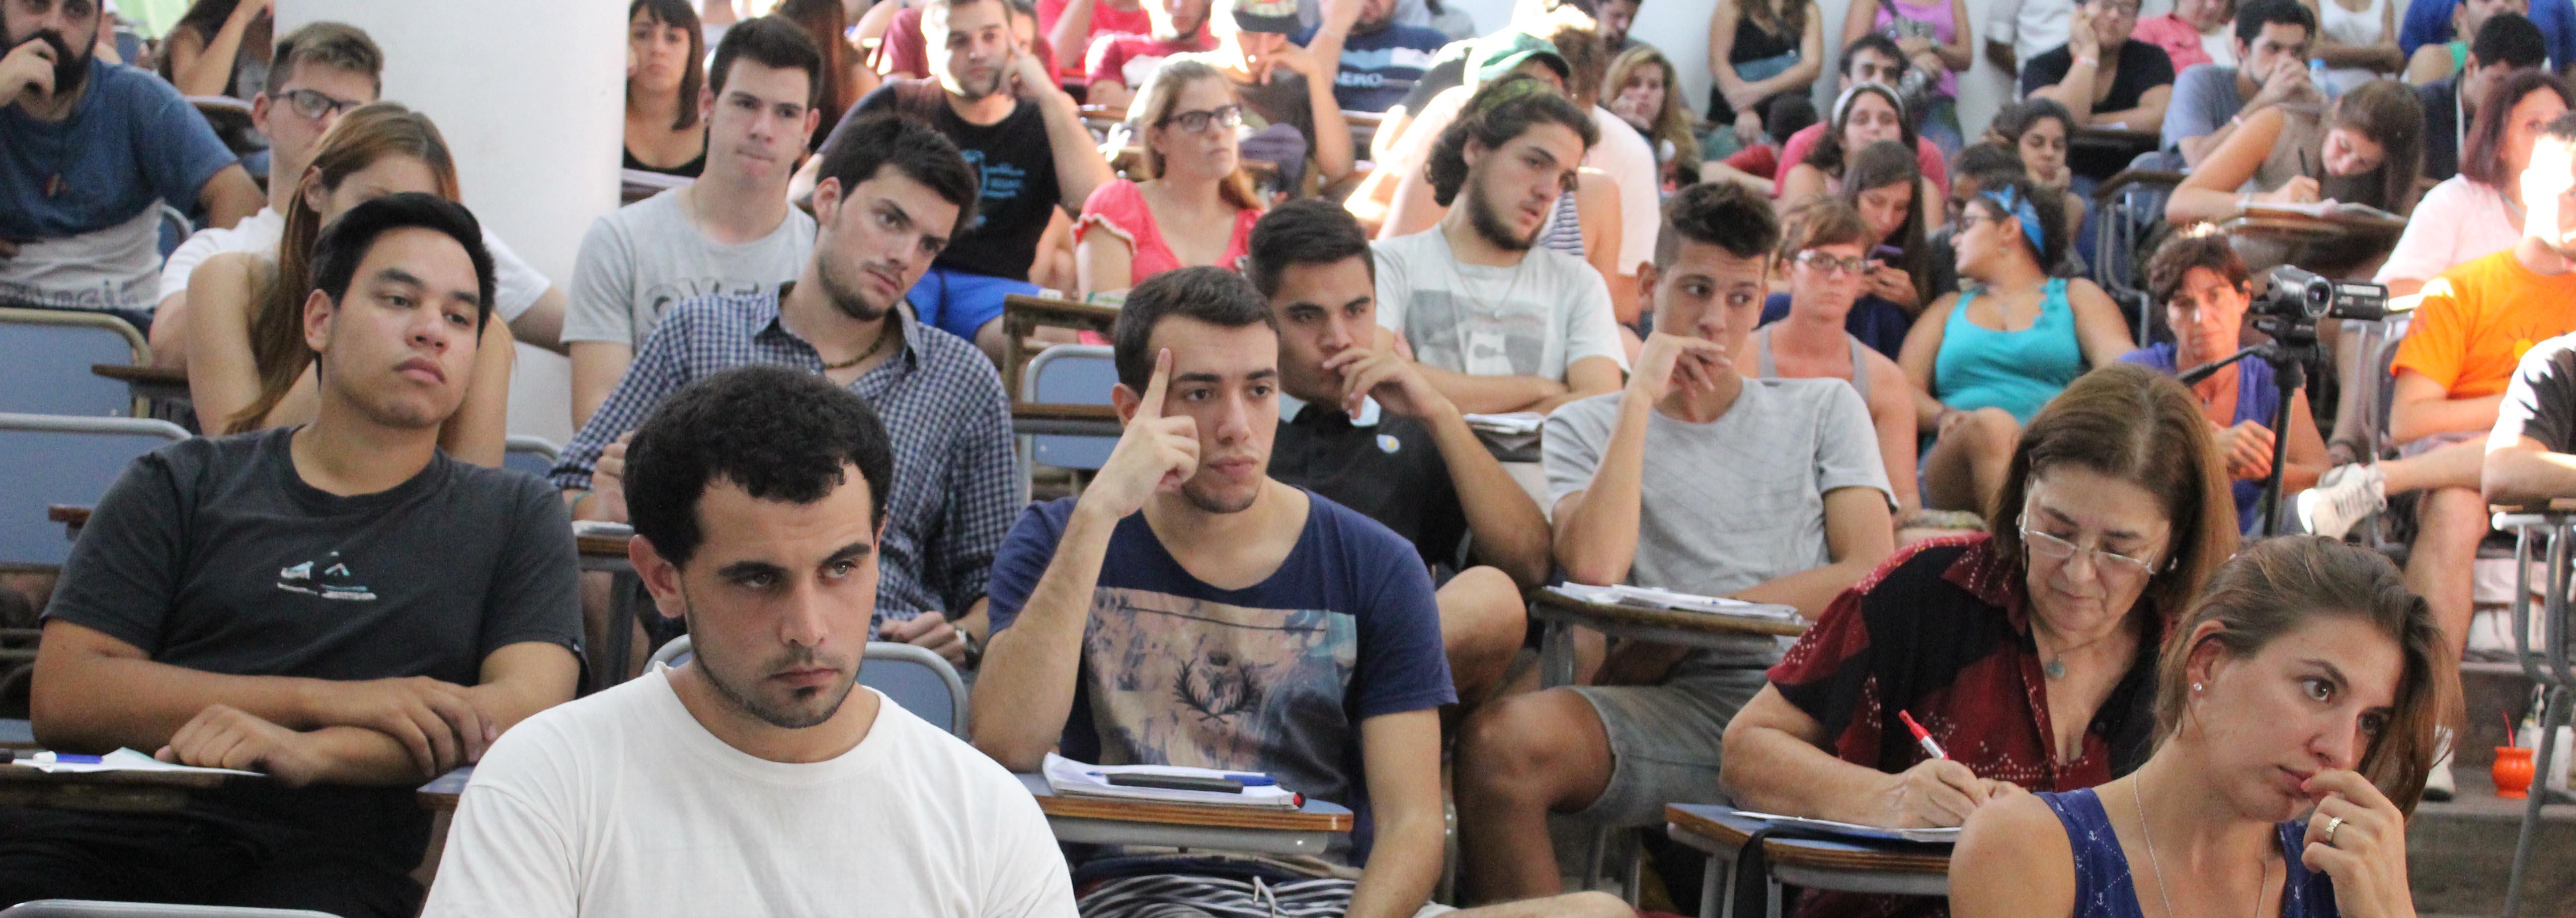 estudiantes dentro del aula asisten a una clase práctica